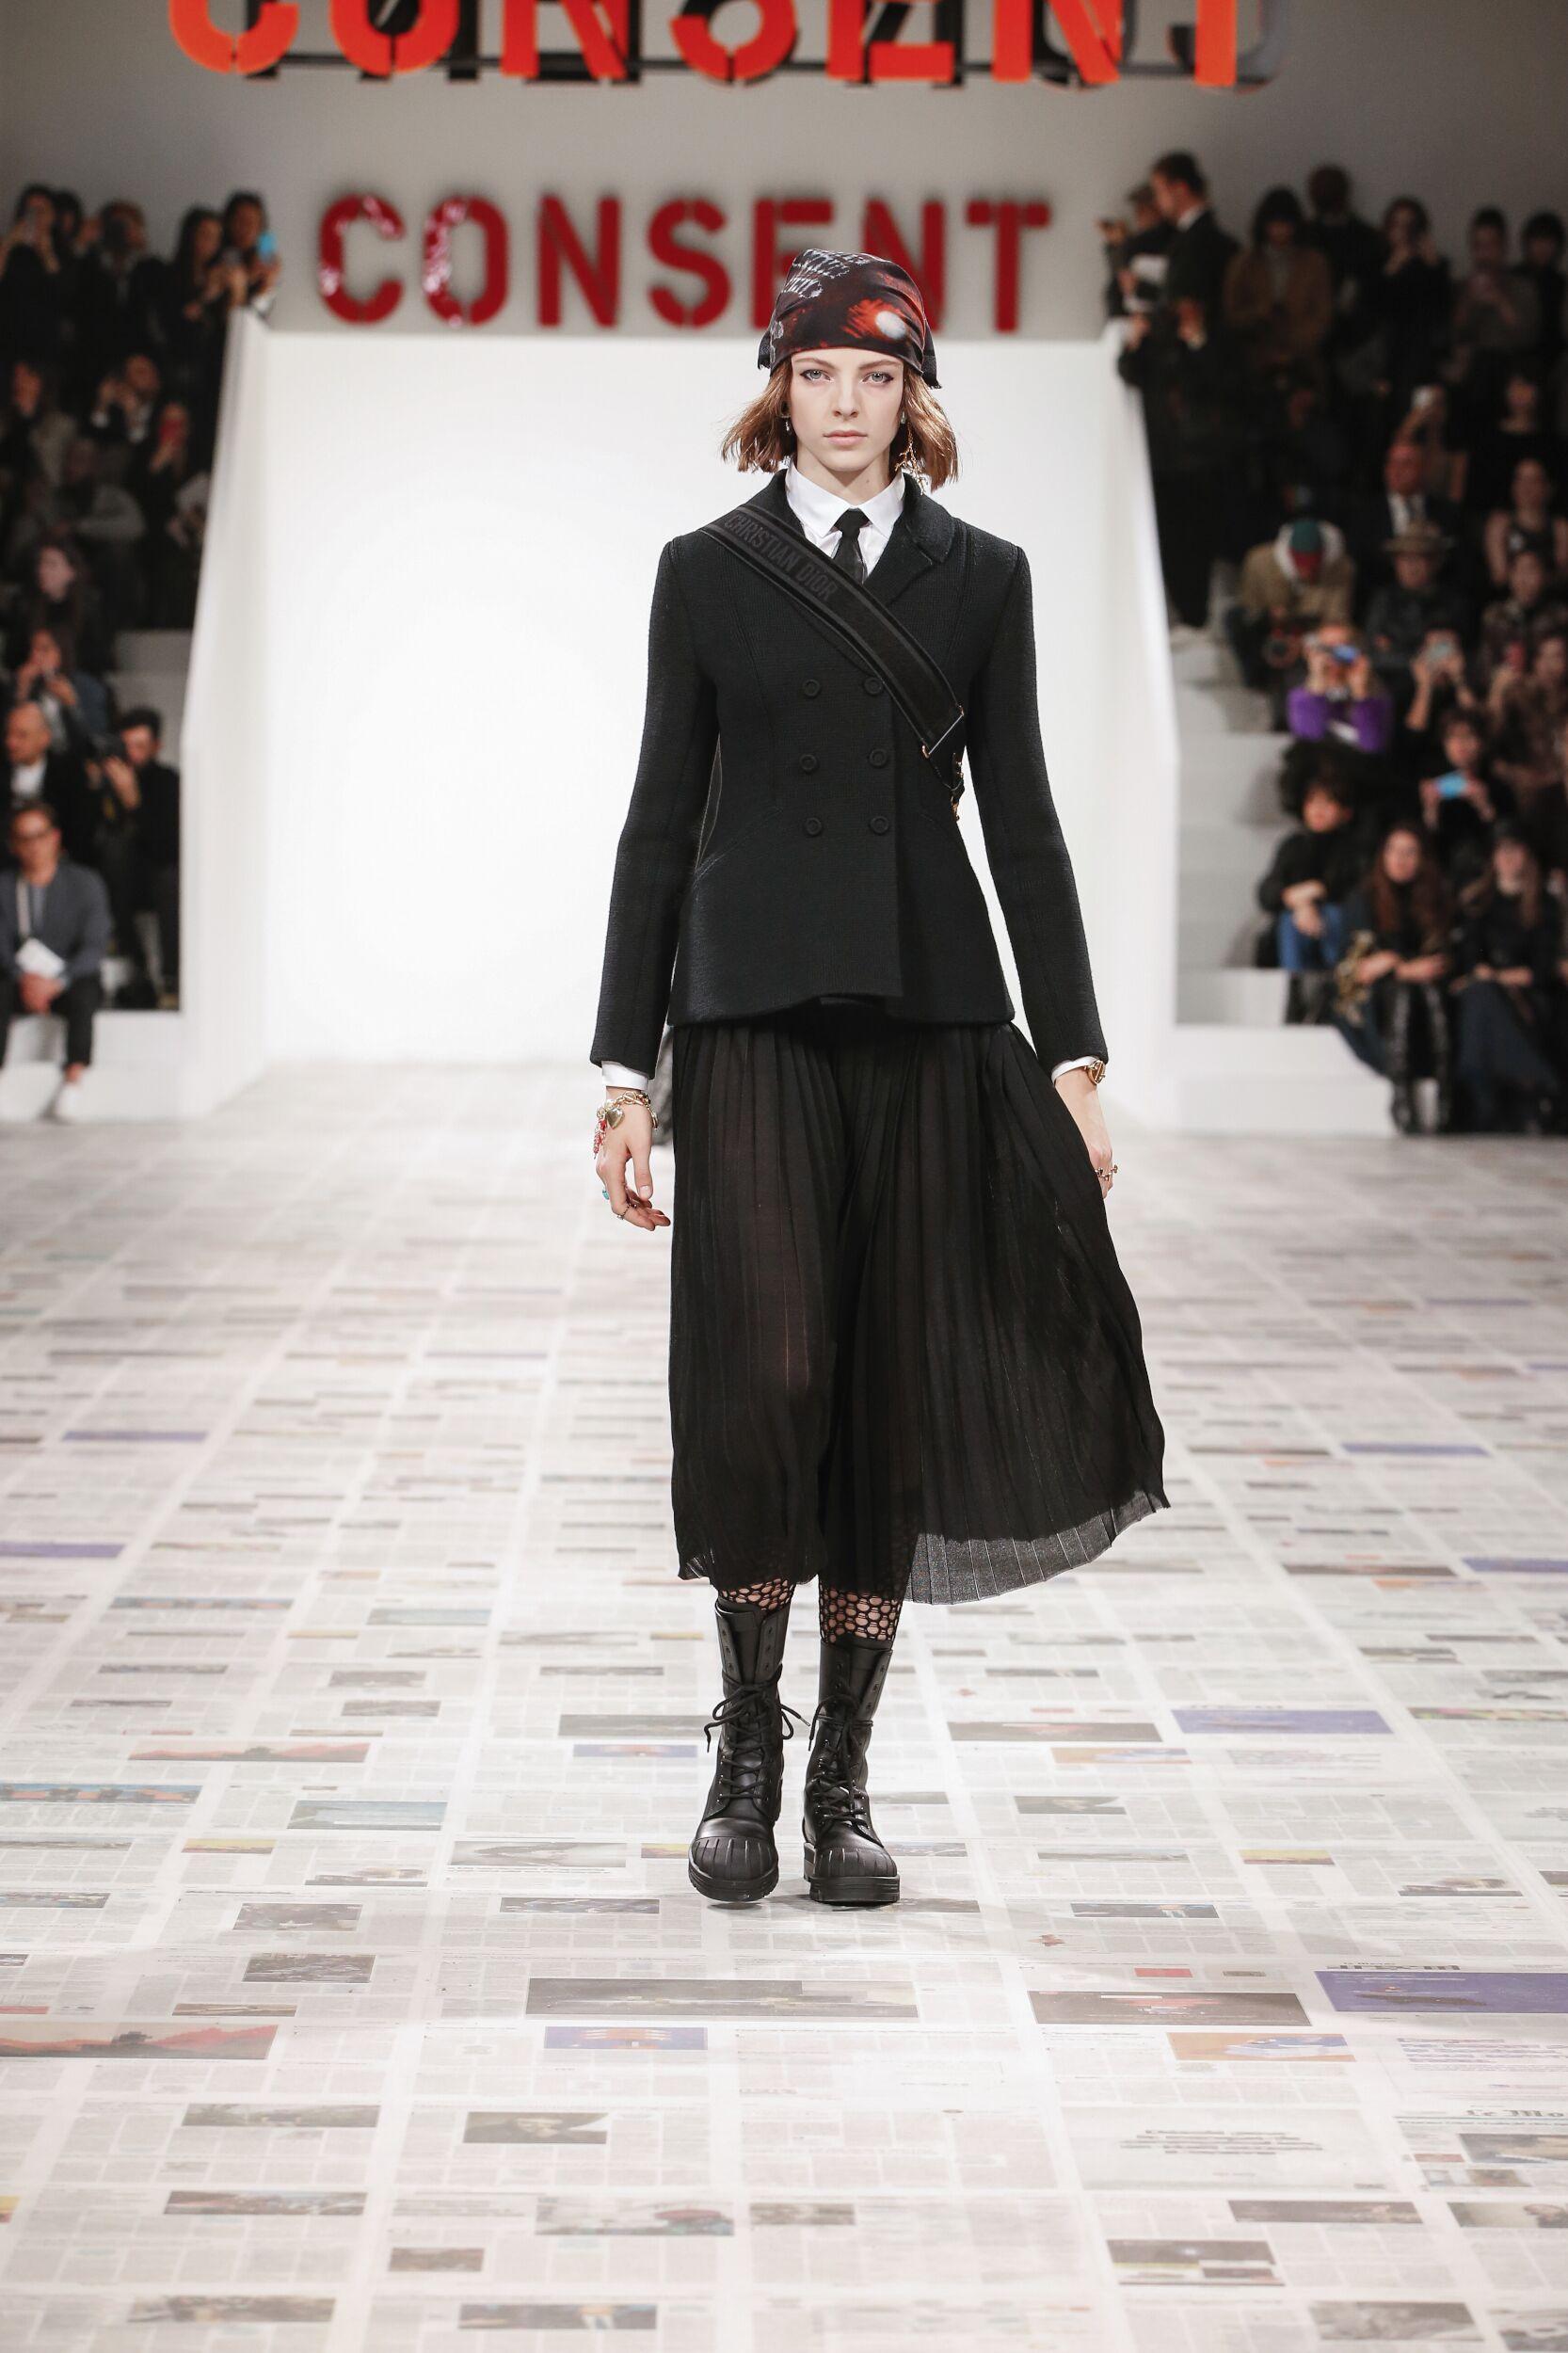 FW 2020-21 Fashion Show Dior